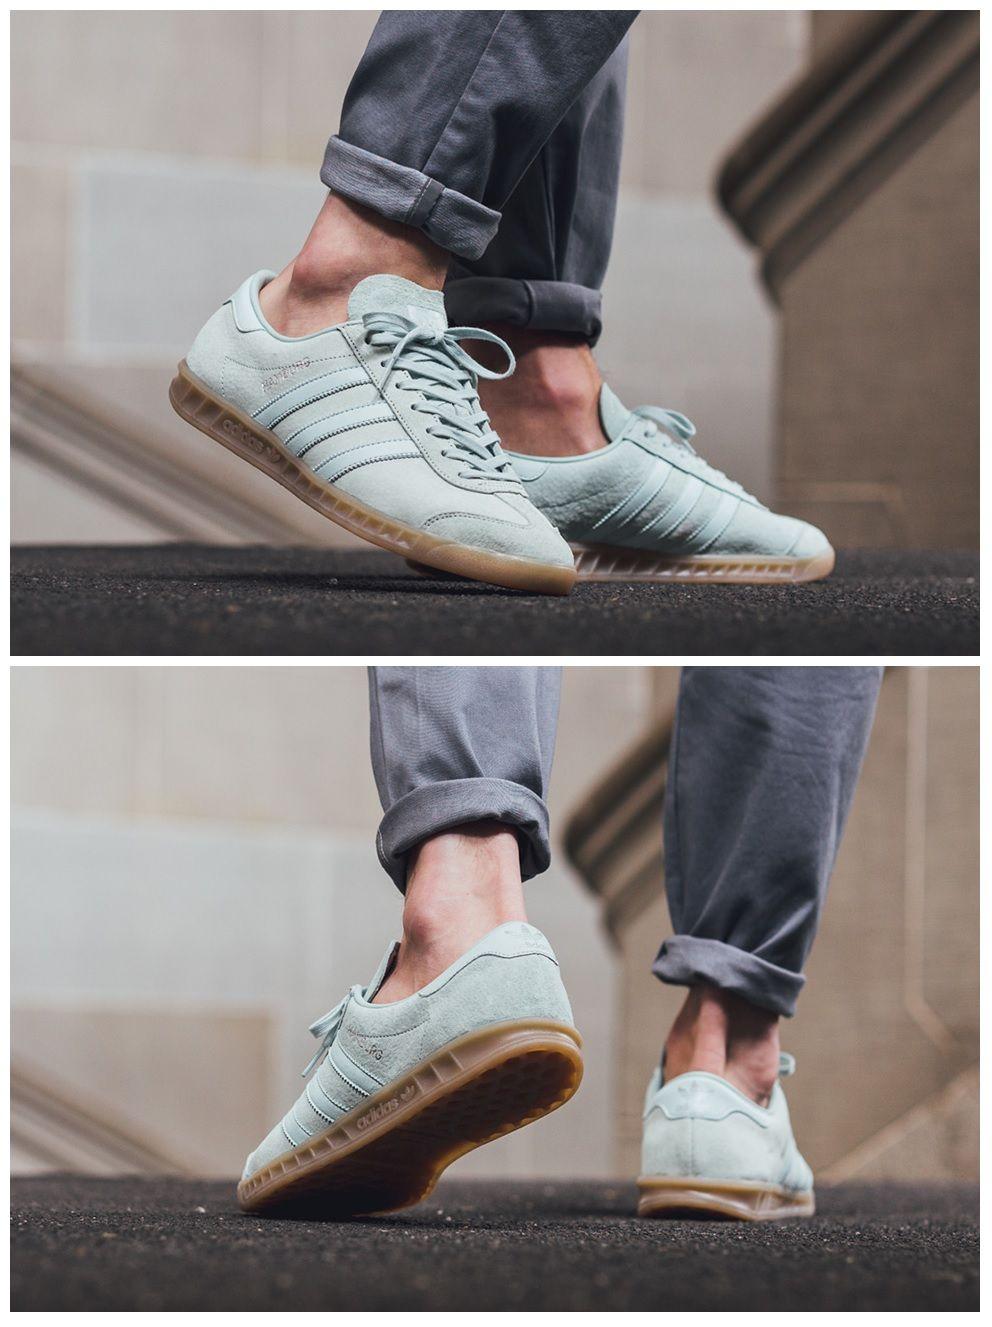 Adidas Hamburg Year Of The Goat : Neue Mode Schuhe Adidas